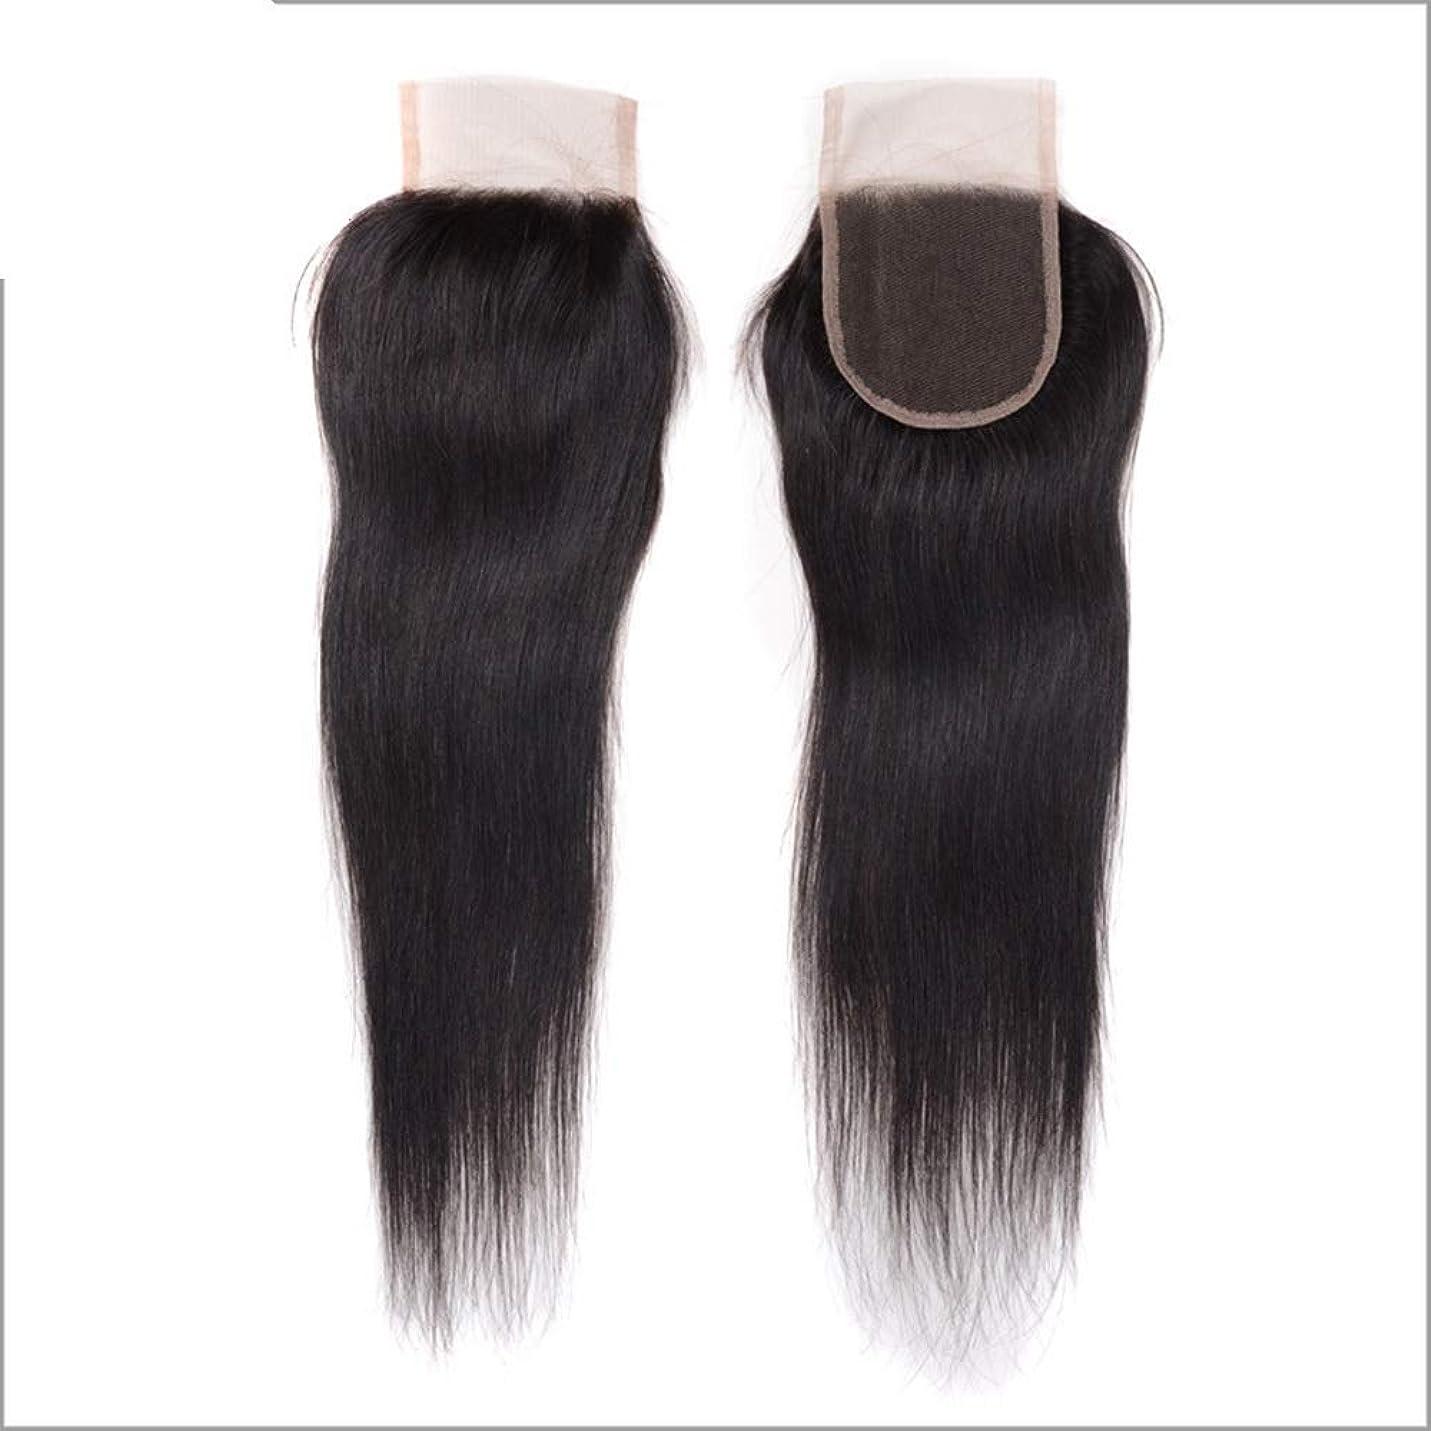 HOHYLLYA レース前頭ストレートブラジルのバージンの人間の毛髪の完全なレースのシルク4×4閉鎖複合毛レースのかつらロールプレイングかつら (色 : 黒, サイズ : 18 inch)